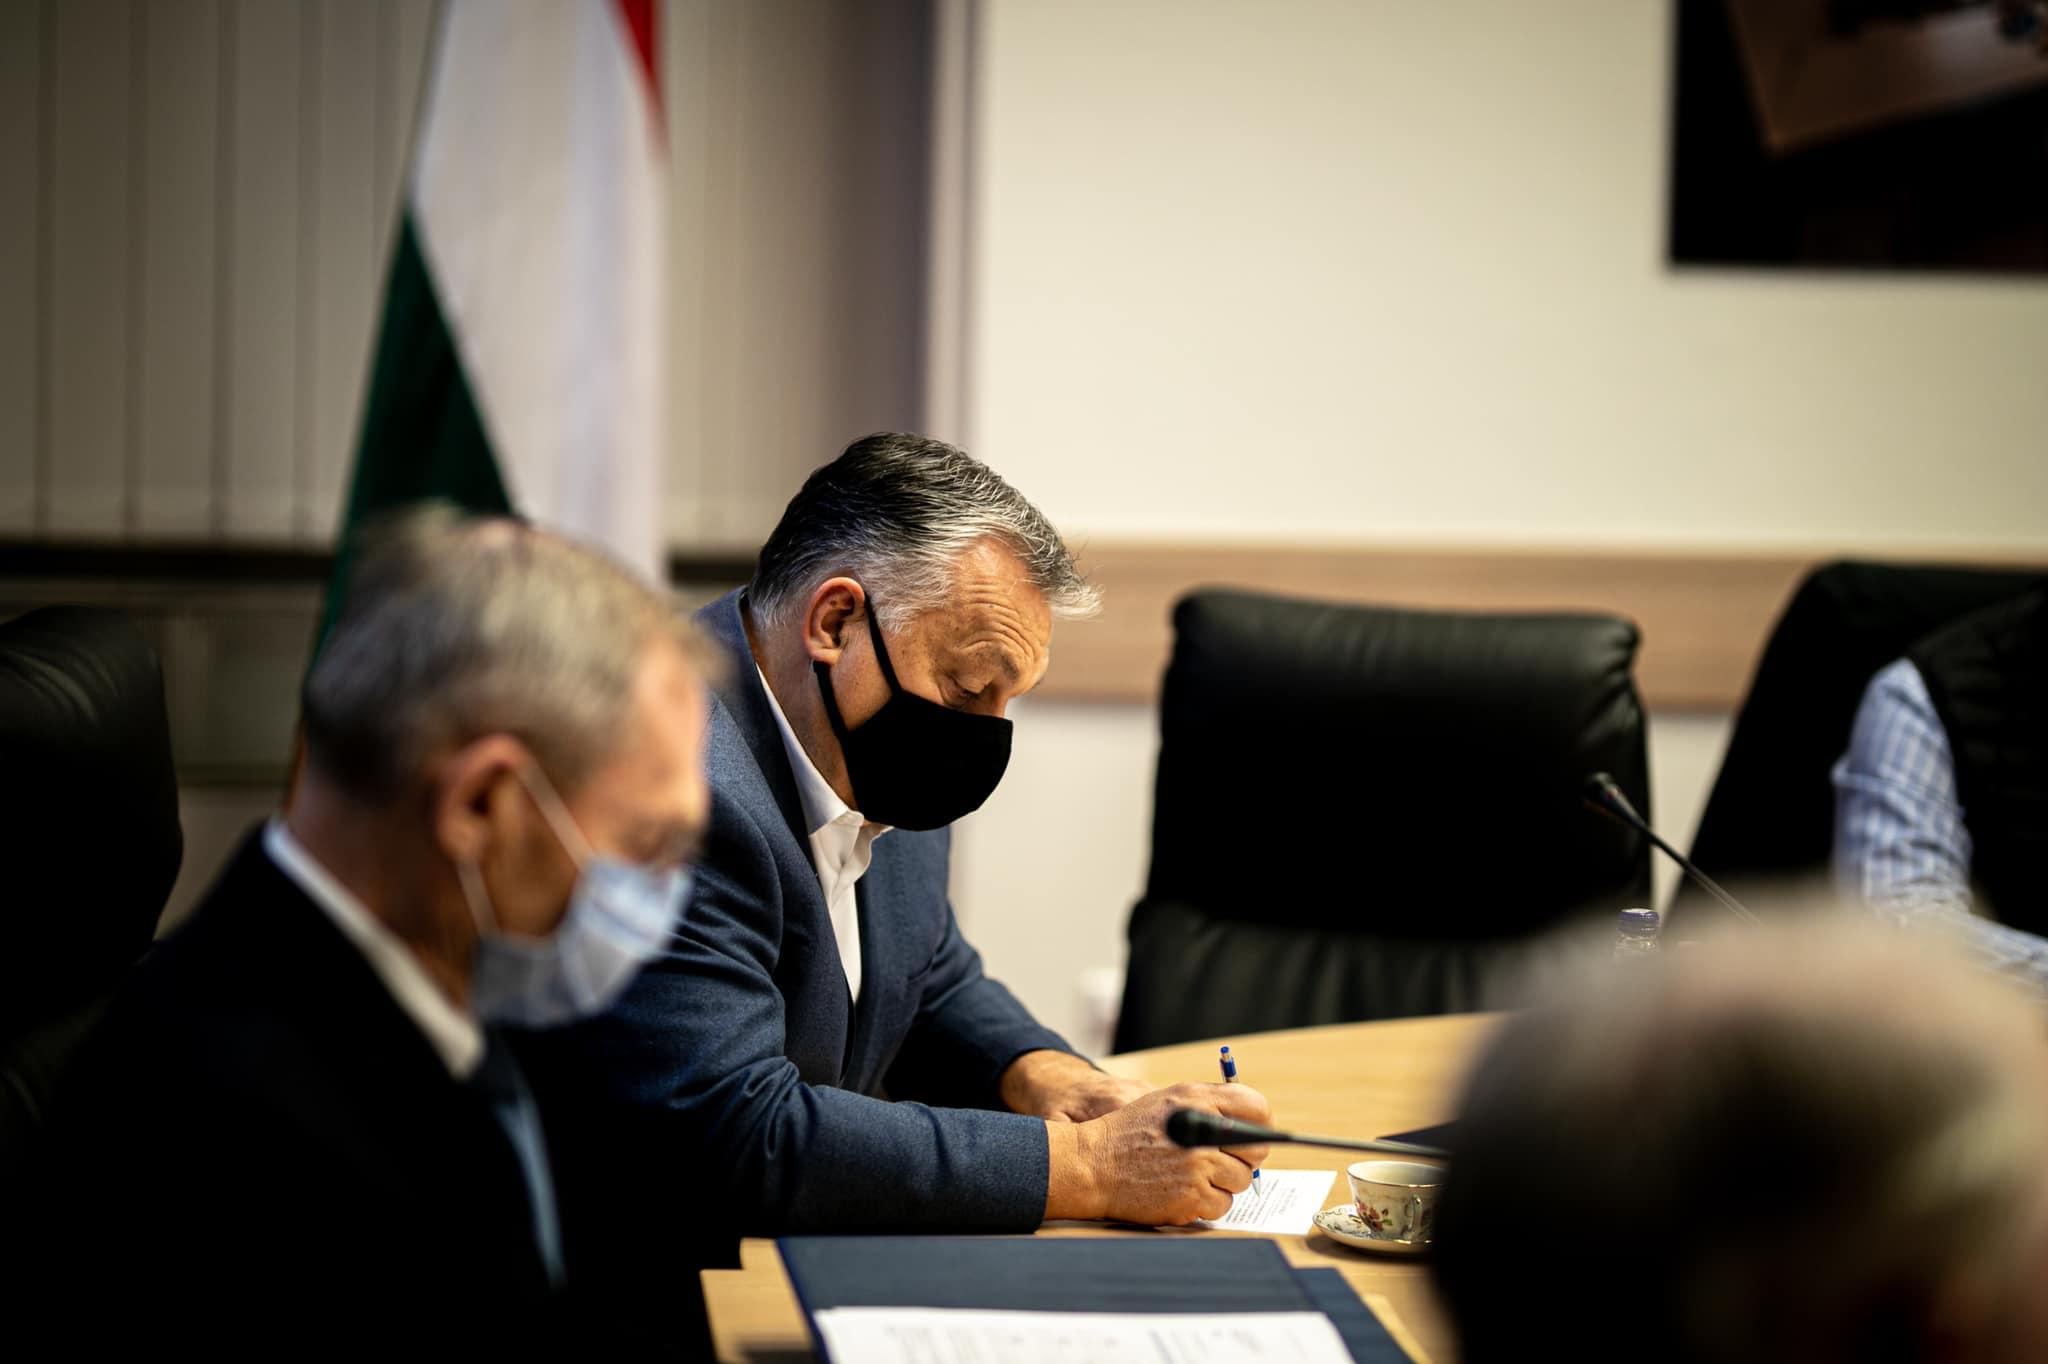 Orbán azt jósolja decemberre, ami a legrosszabb forgatókönyvnek tűnt a kórházakban